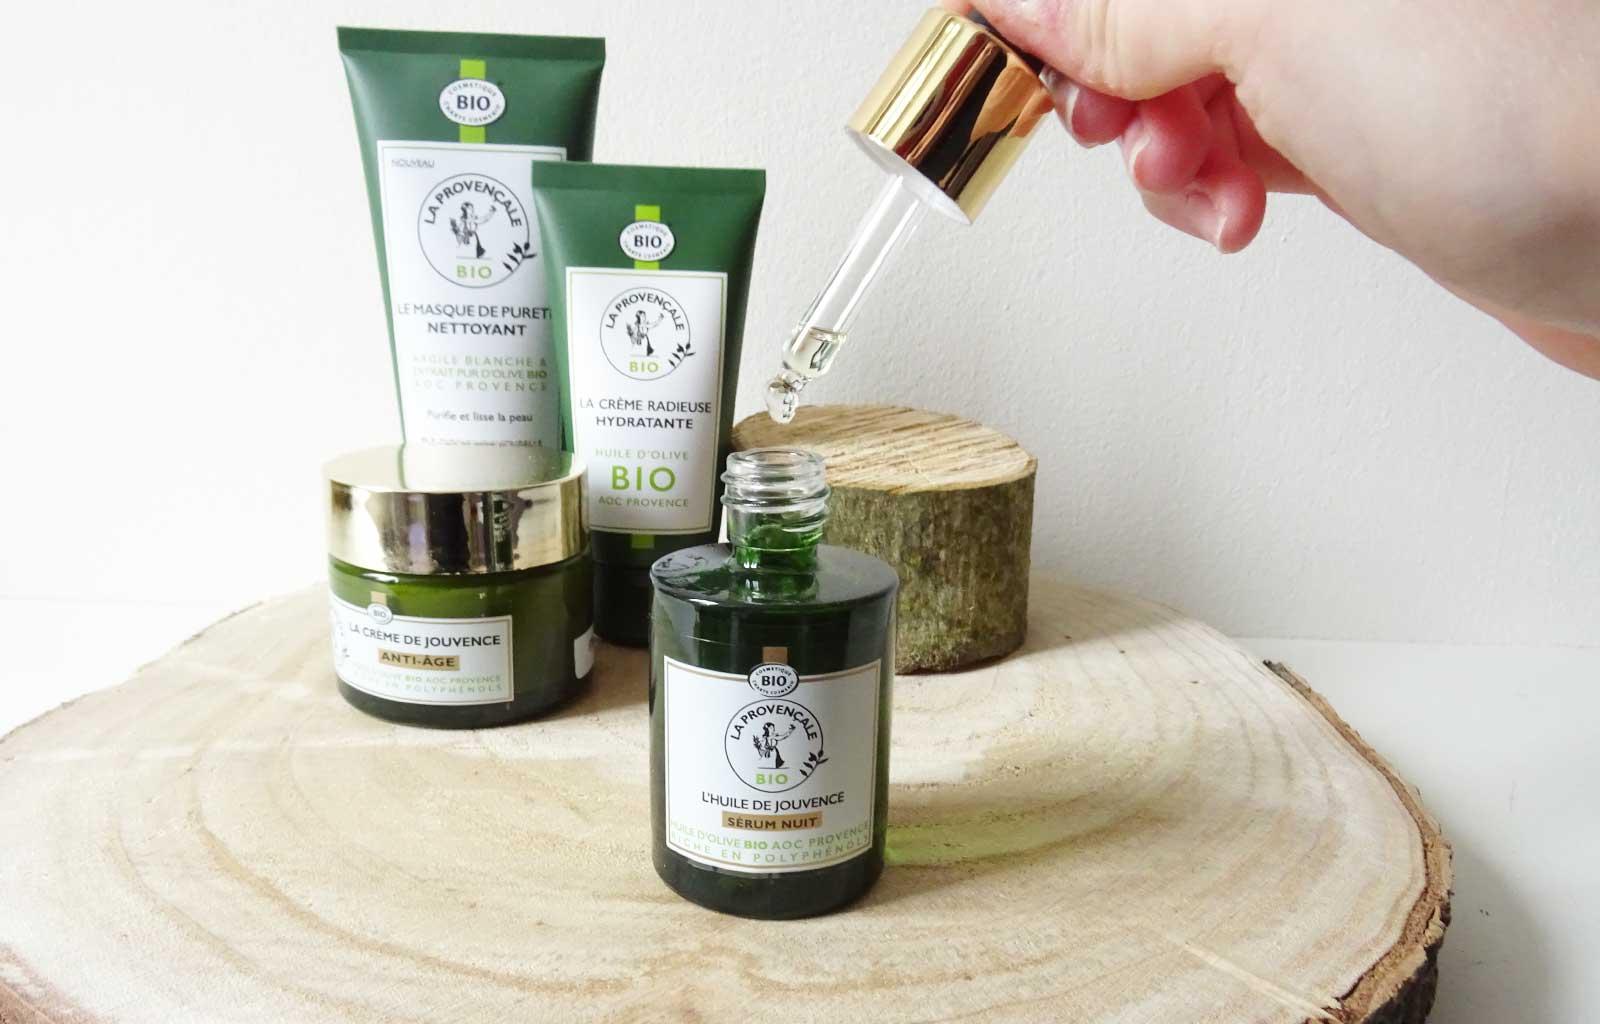 La Provençale soins visage bio naturels huile jouvance